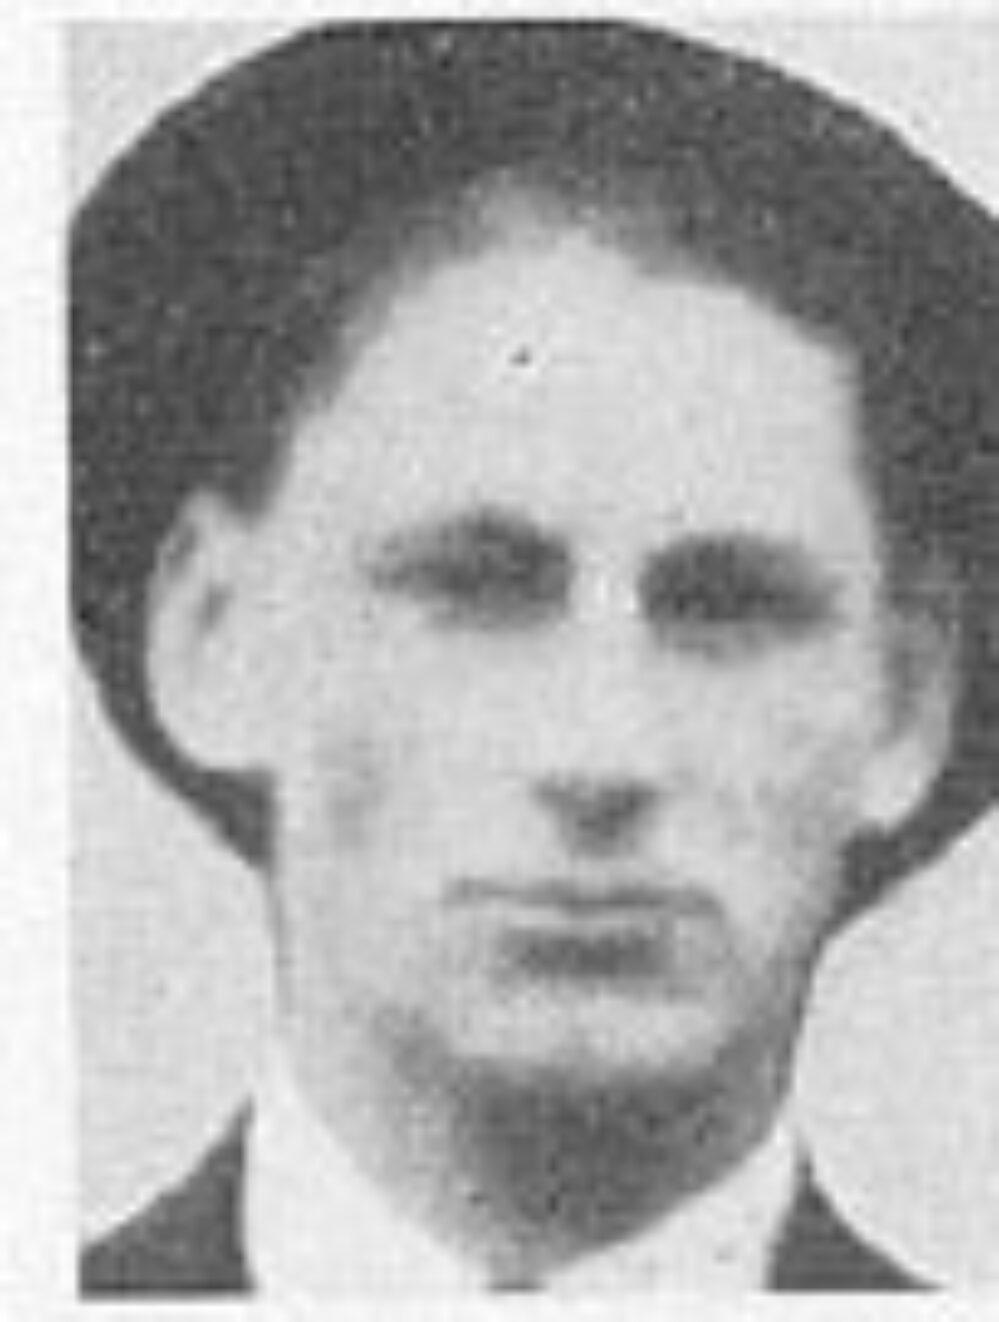 Malfred Bendik Larsen